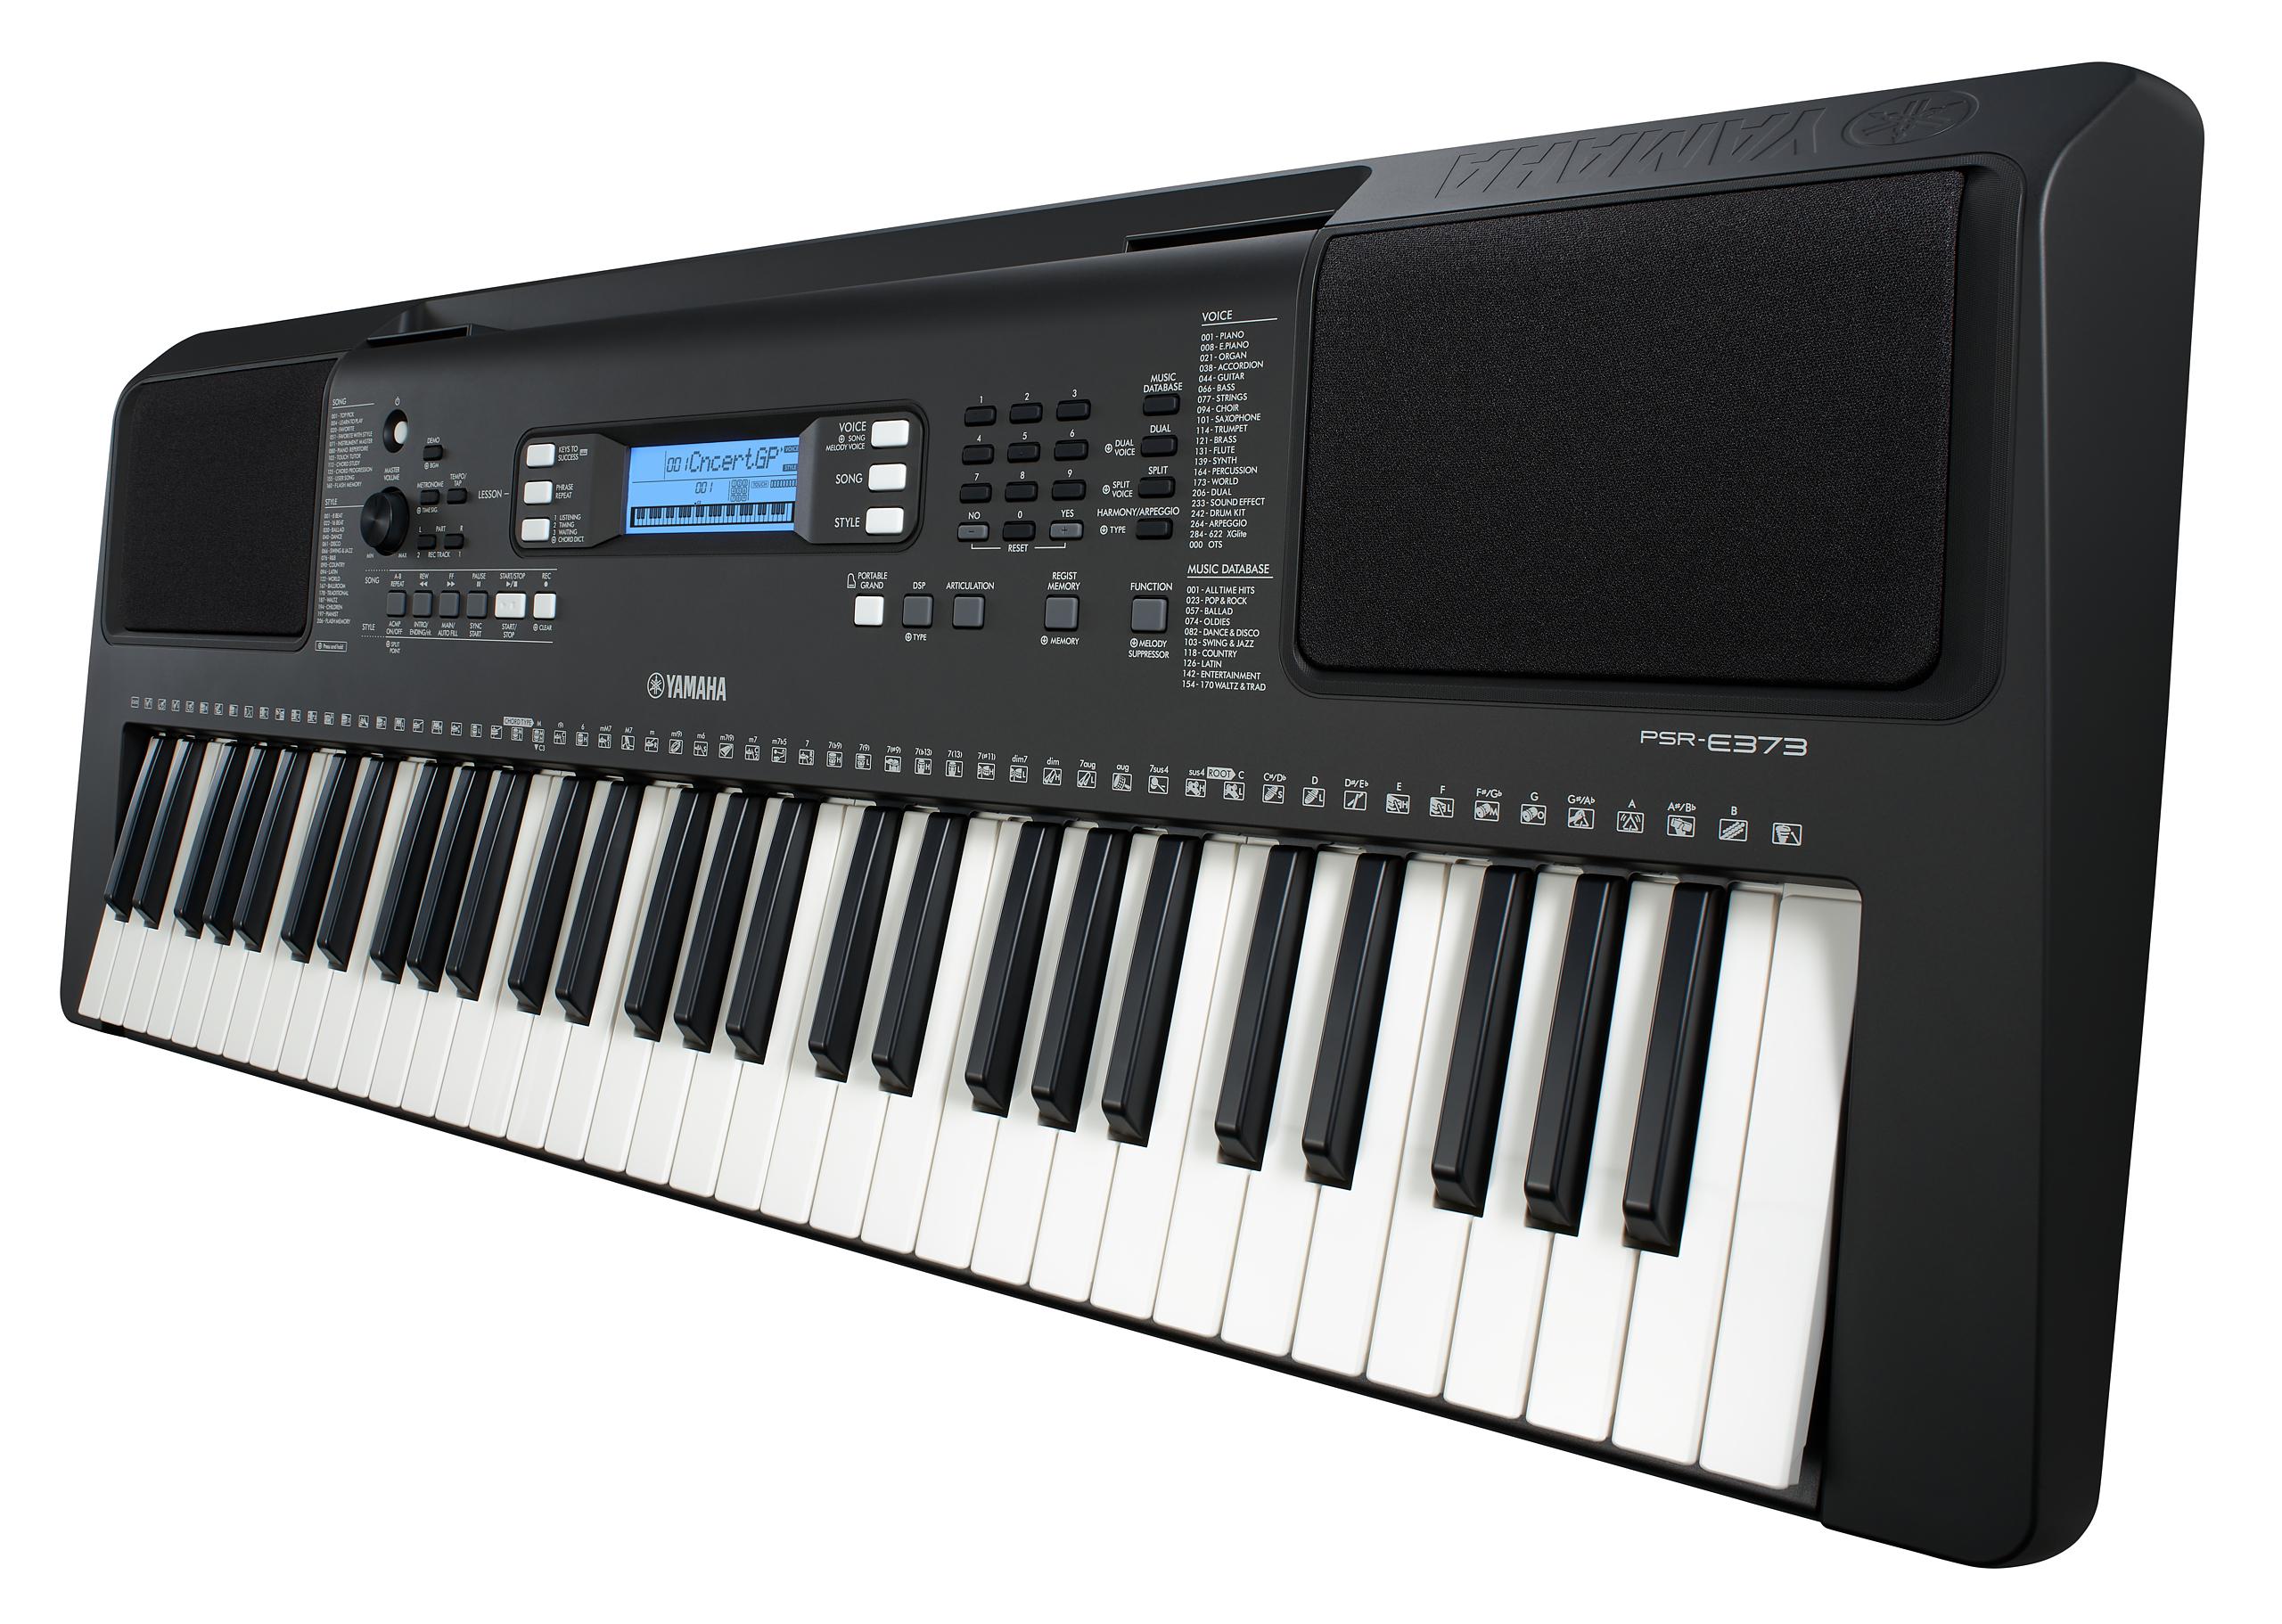 PSR-E373-z-0001_2560